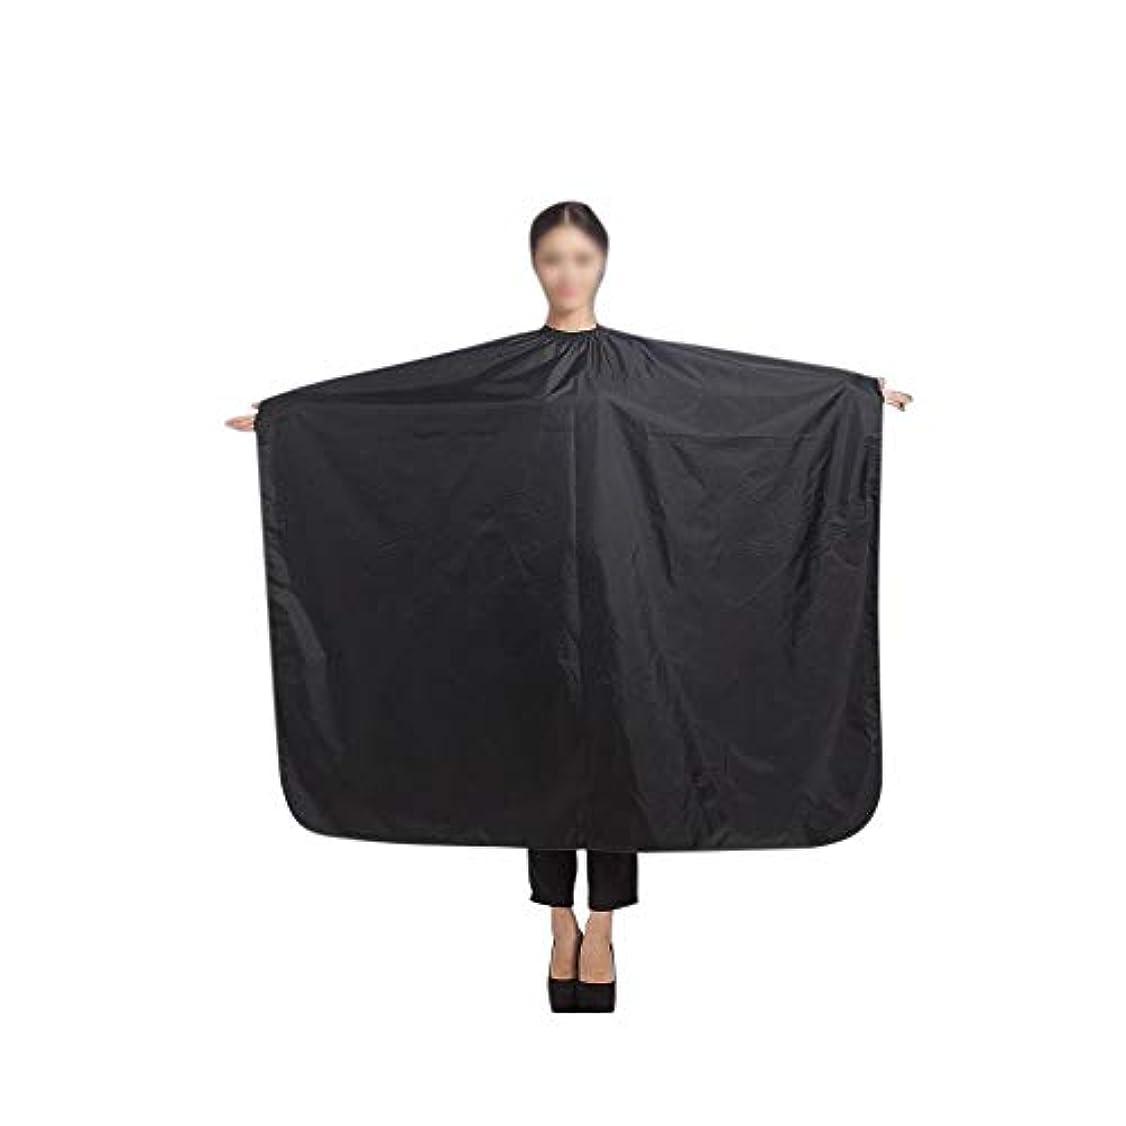 ペチュランスクマノミ離れてLucy Day ケープサロンガウン布をスタイリングするプロ散髪エプロン防水布